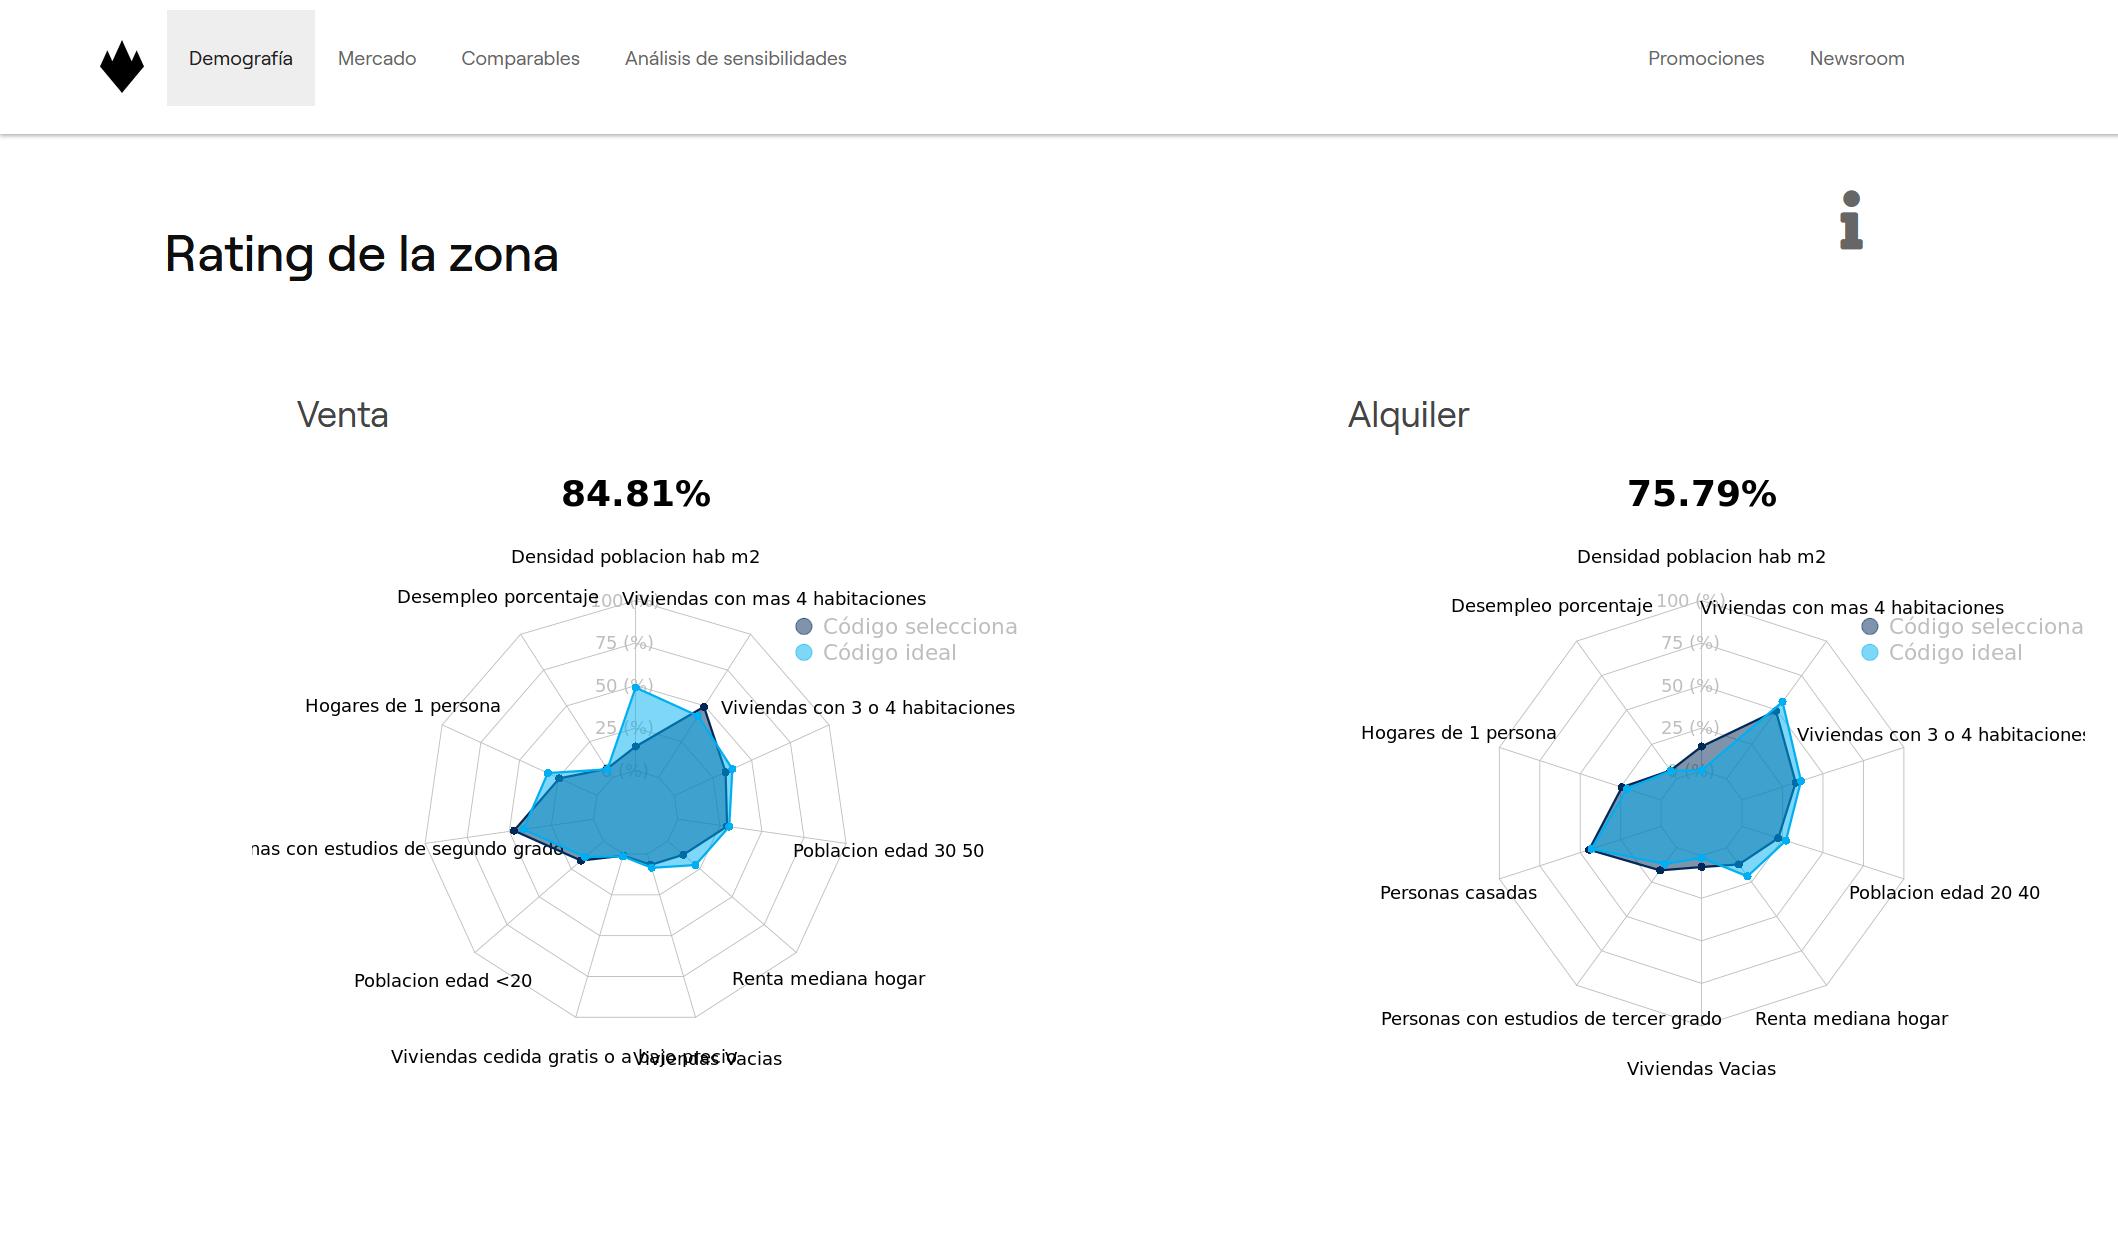 Rating de la zona